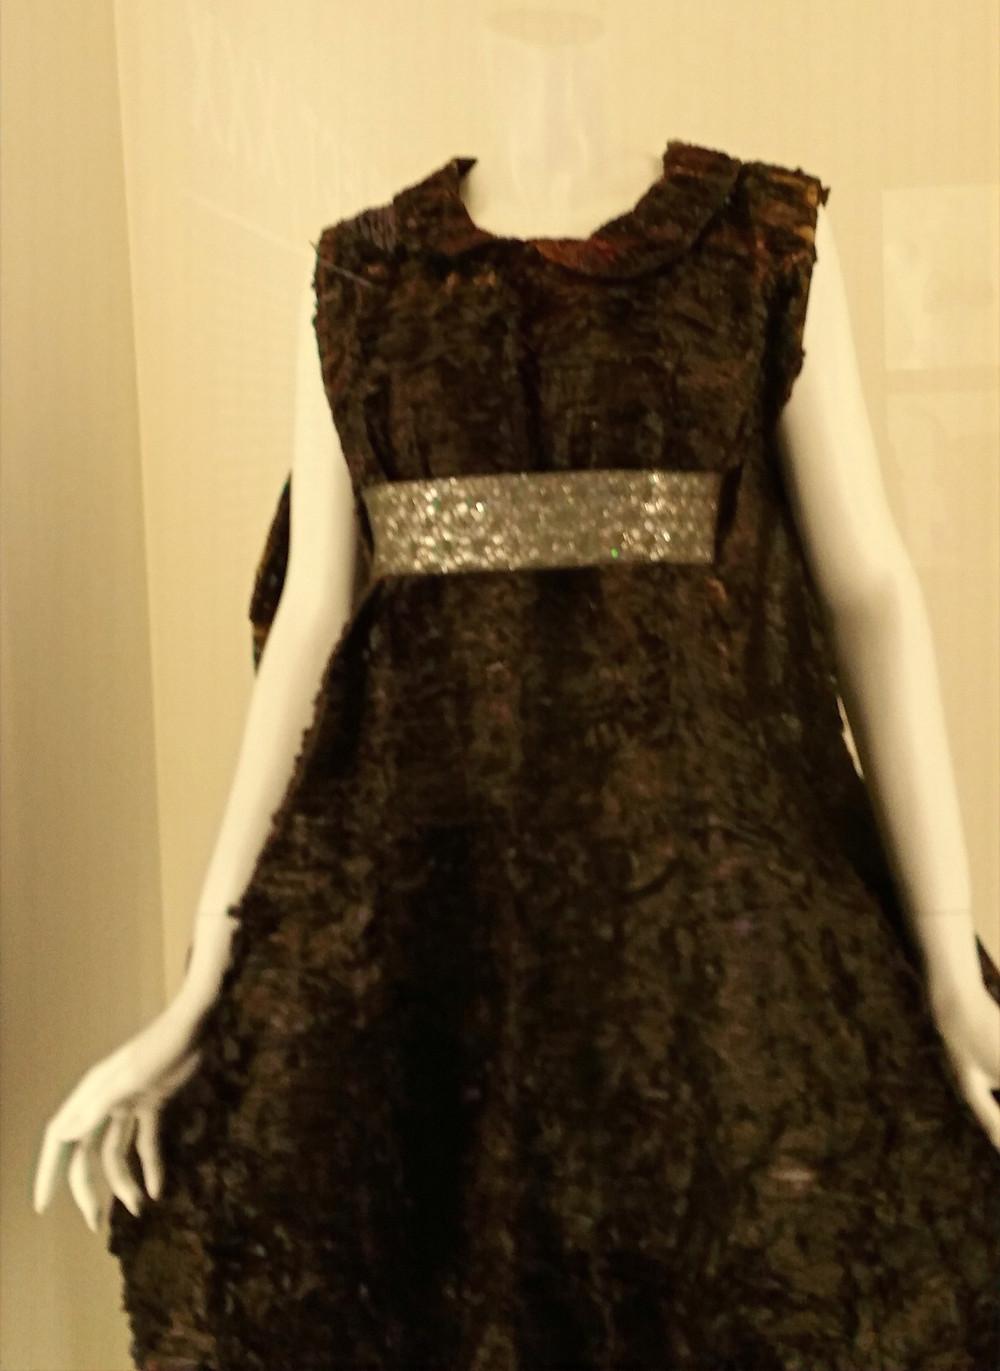 pubic hair dress